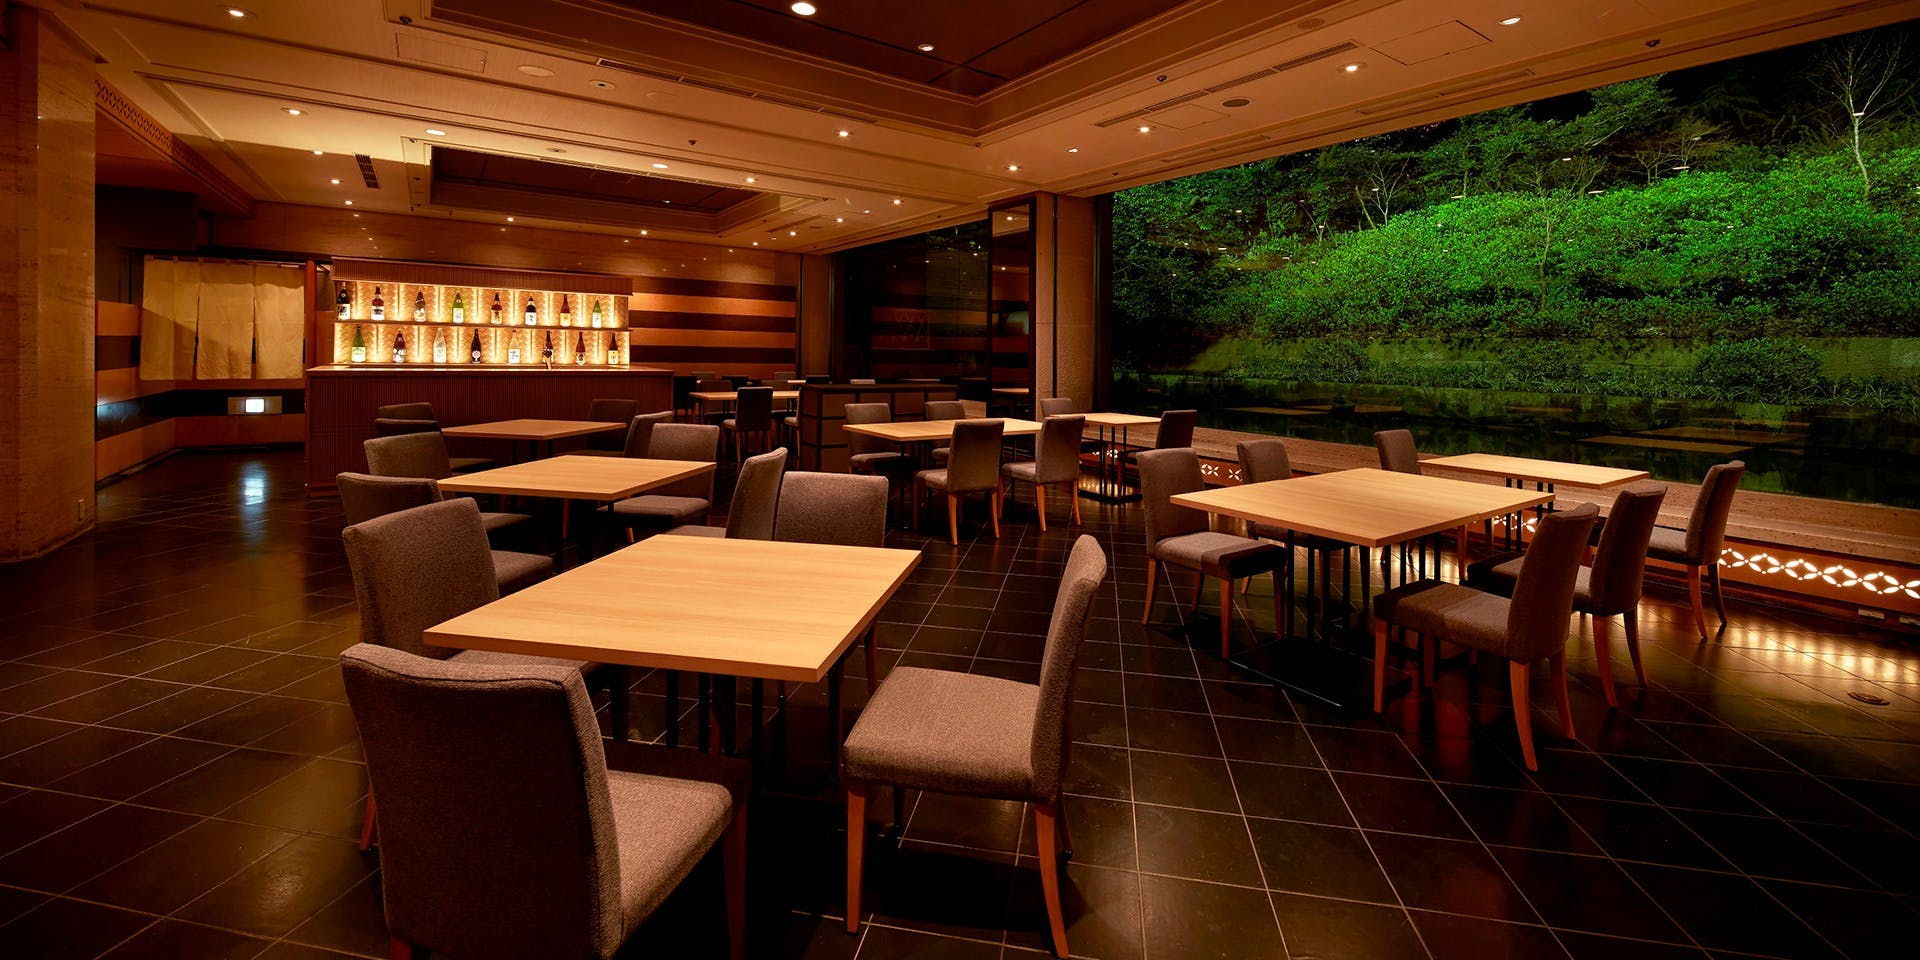 記念日におすすめのレストラン・和食 清水/東京プリンスホテルの写真1